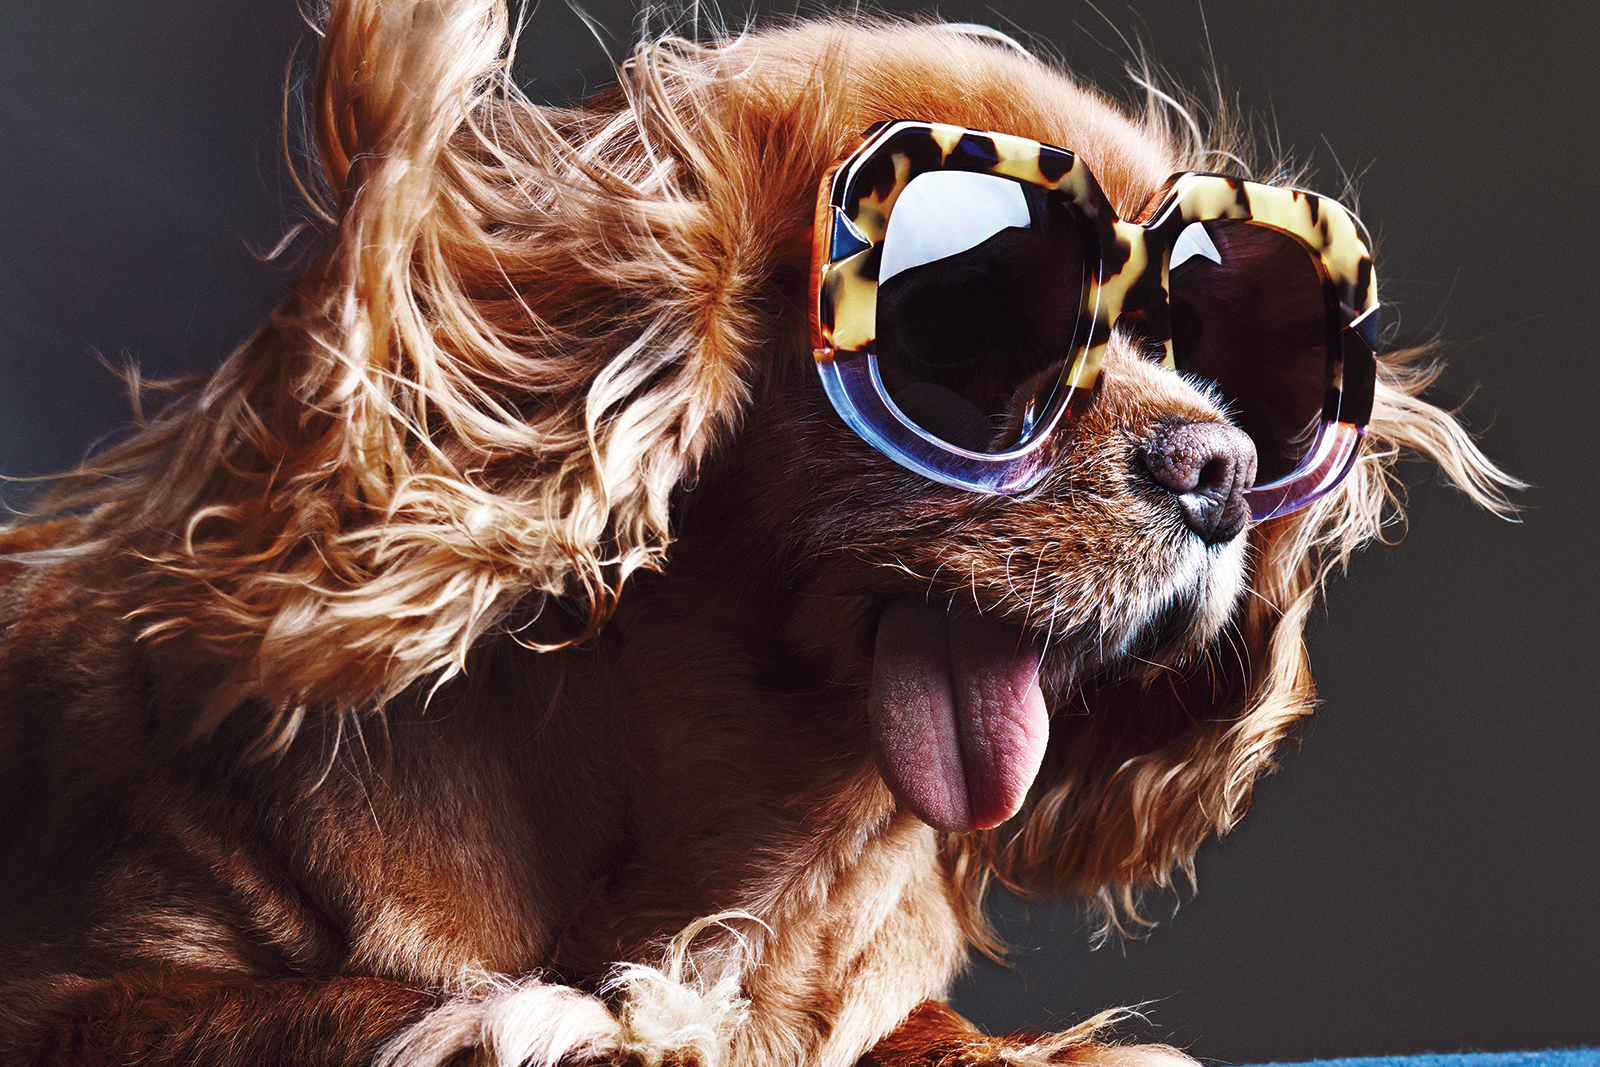 Картинка с псом в очках, бабушек